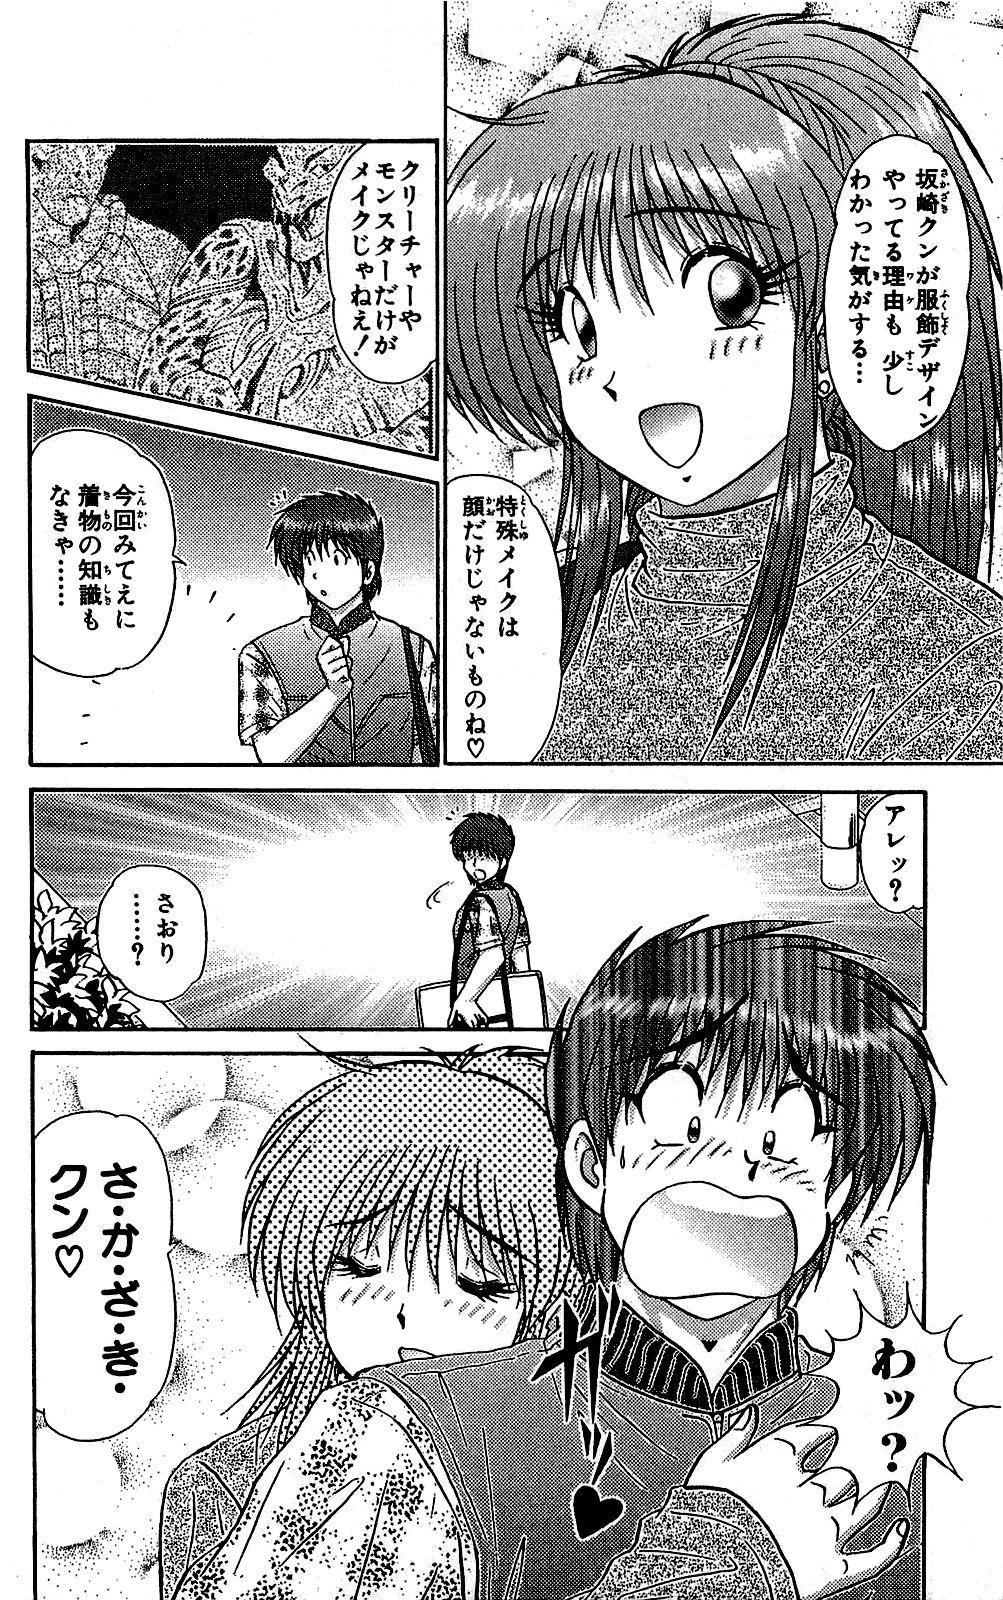 Miracle Make Yuuji 34